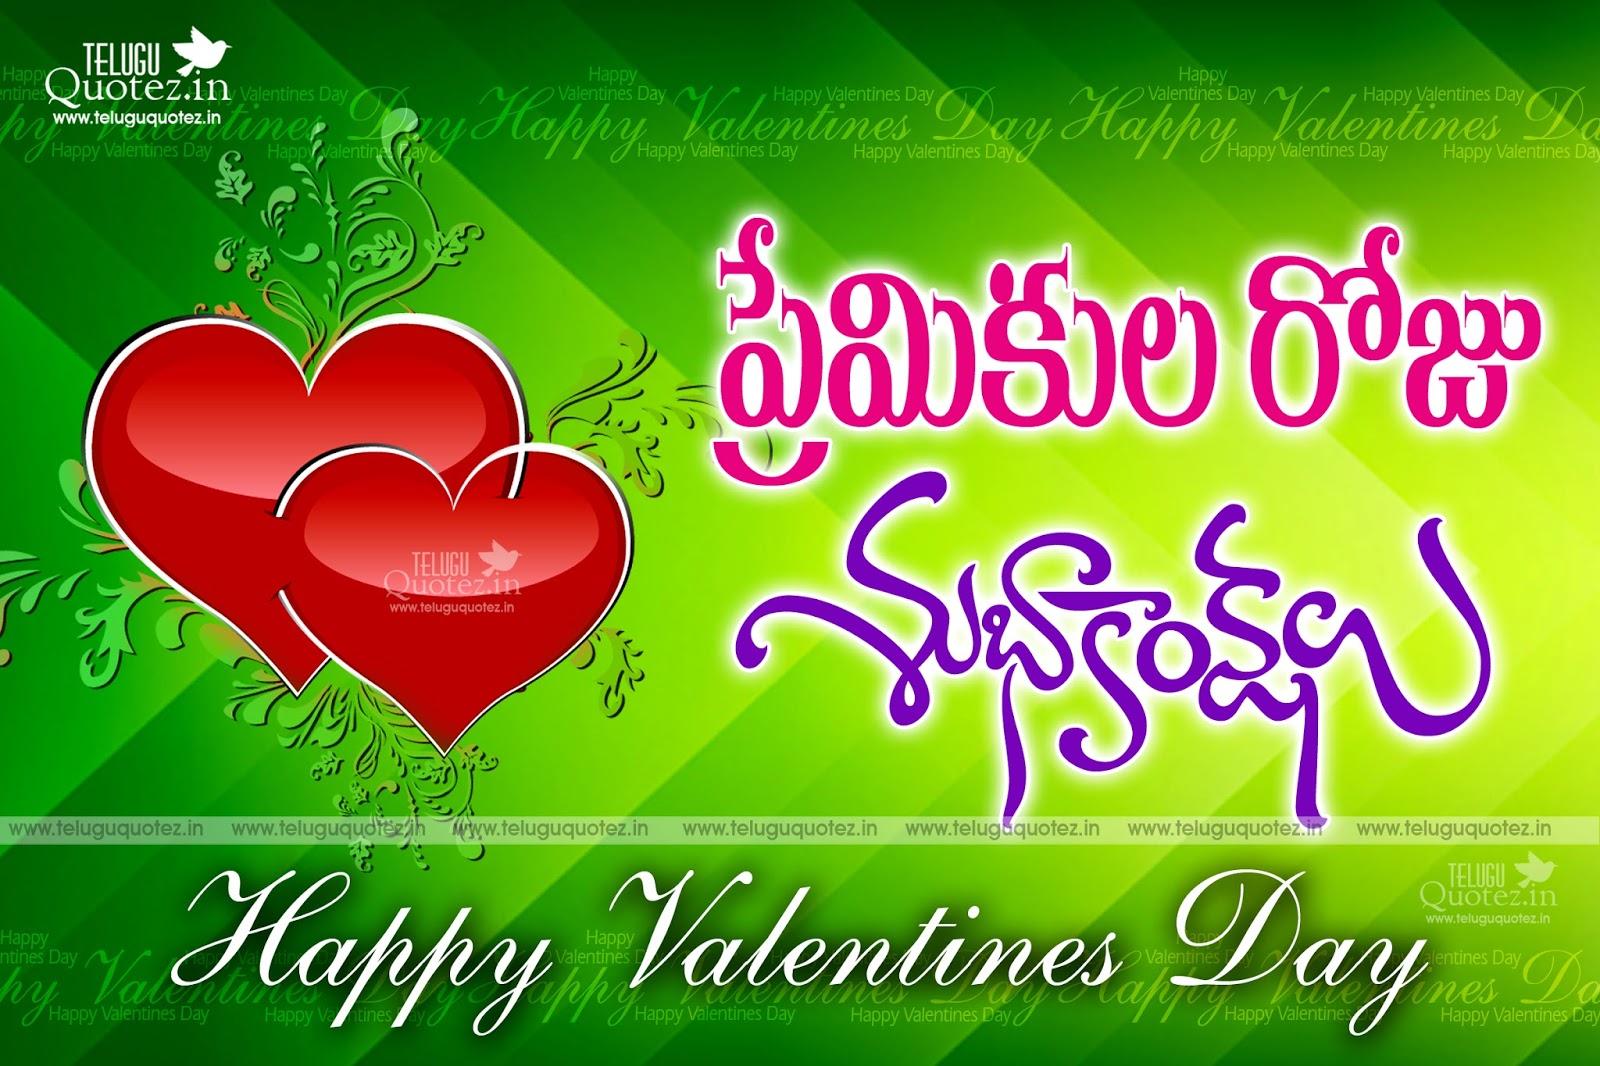 Telugu Nice Love Valentines Day Quotes Teluguquotezin Telugu